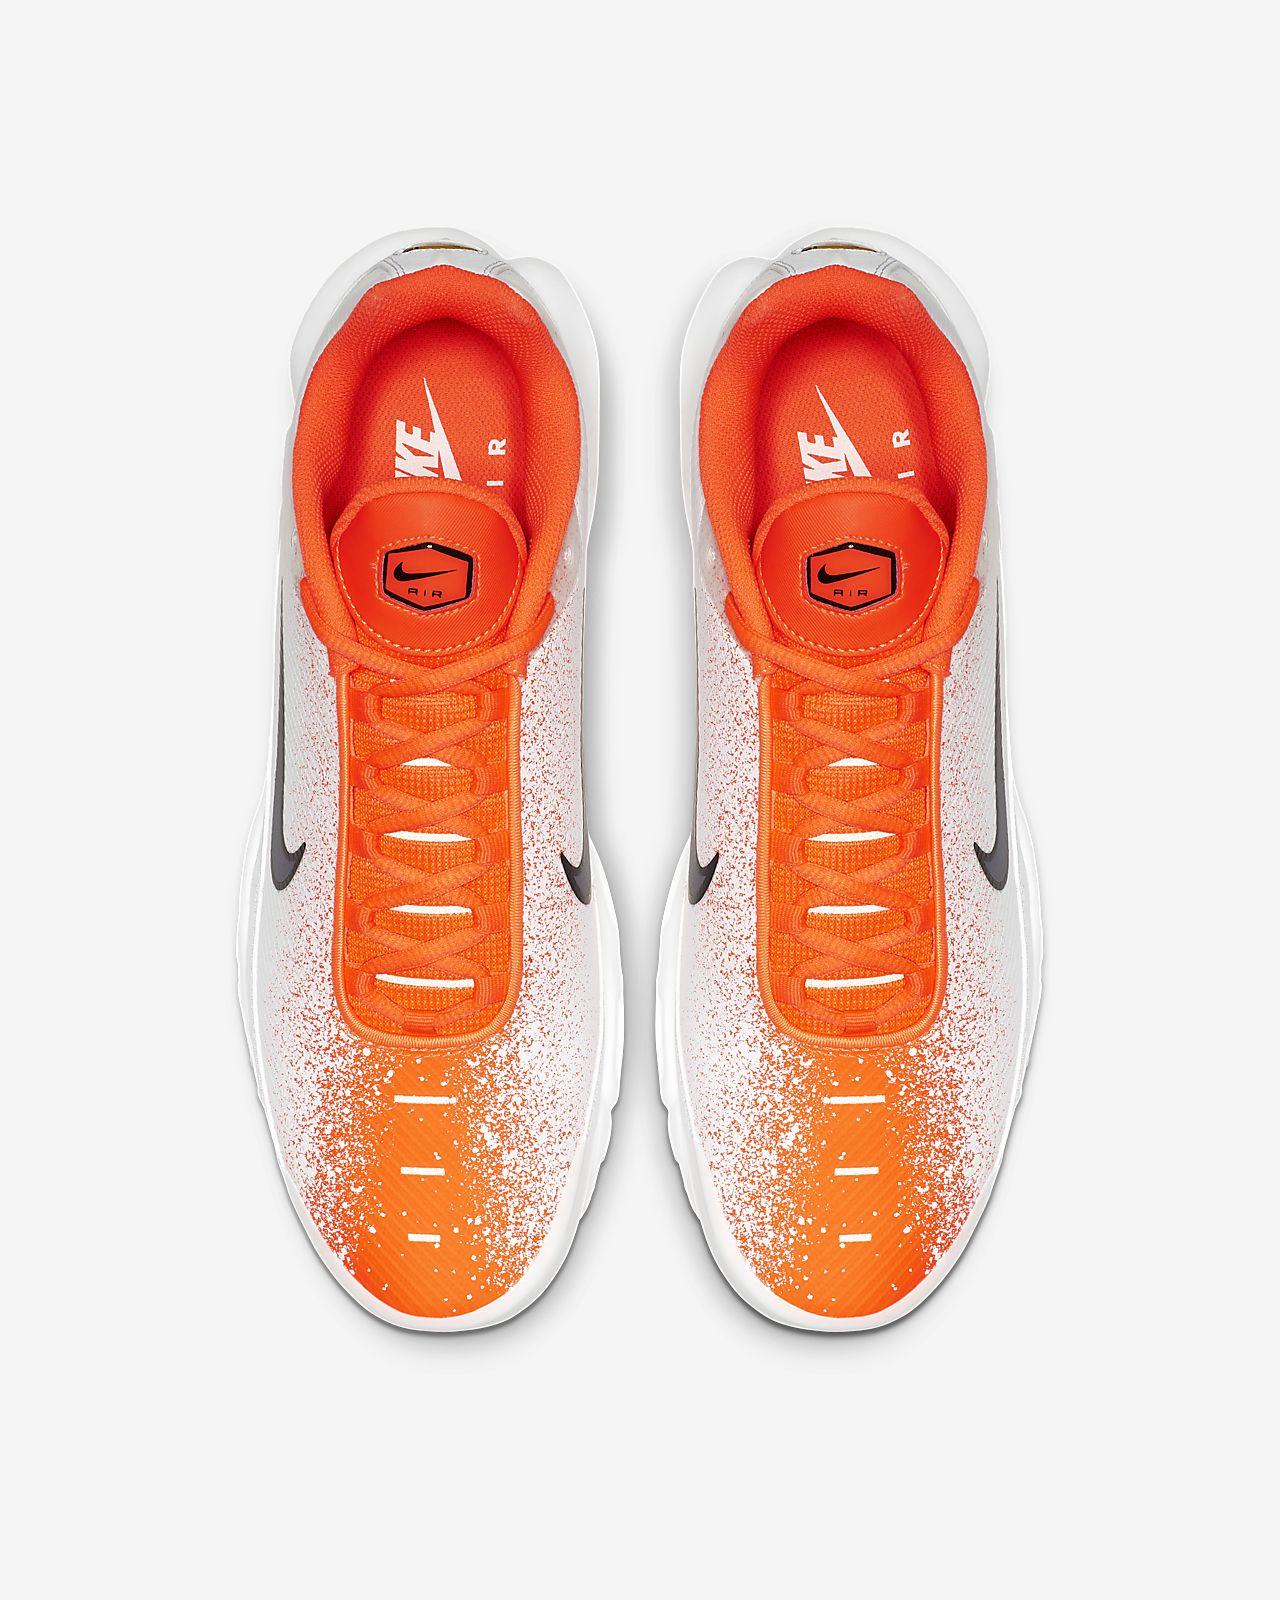 6567cc8e77 Nike Air Max Plus Tn SE Men's Shoe. Nike.com RO